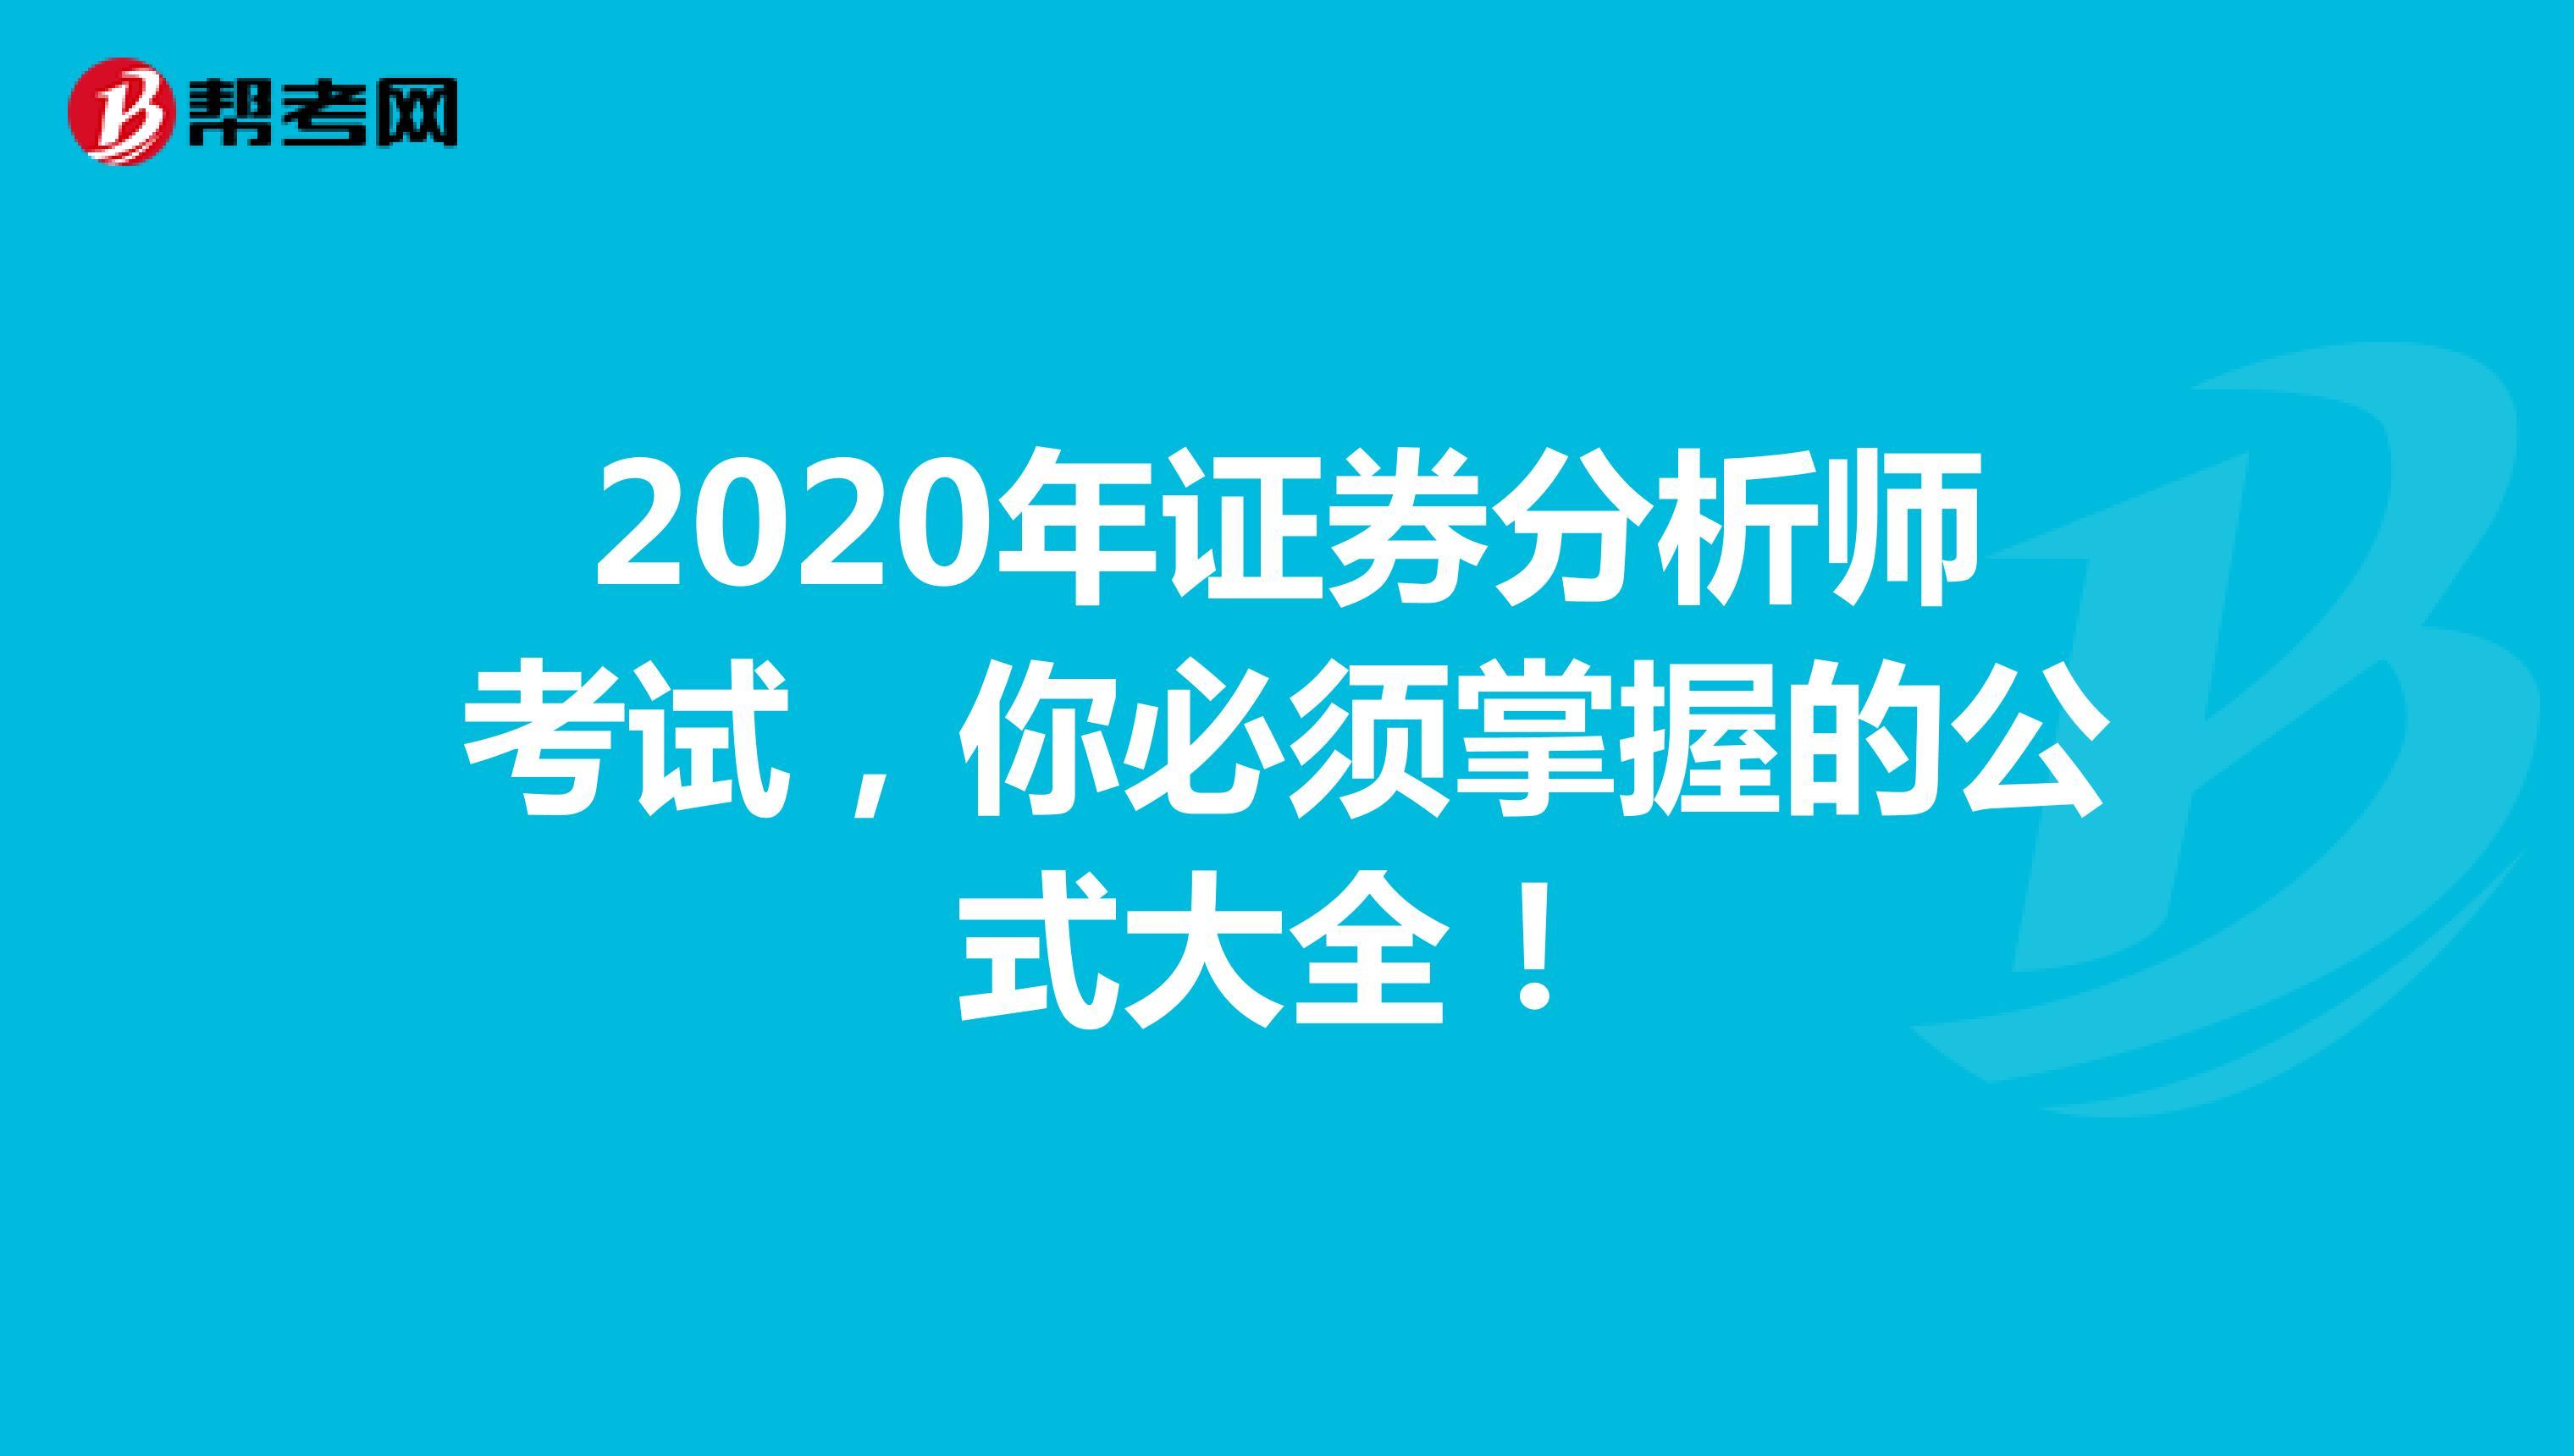 2020年证券分析师考试,你必须掌握的公式大全!